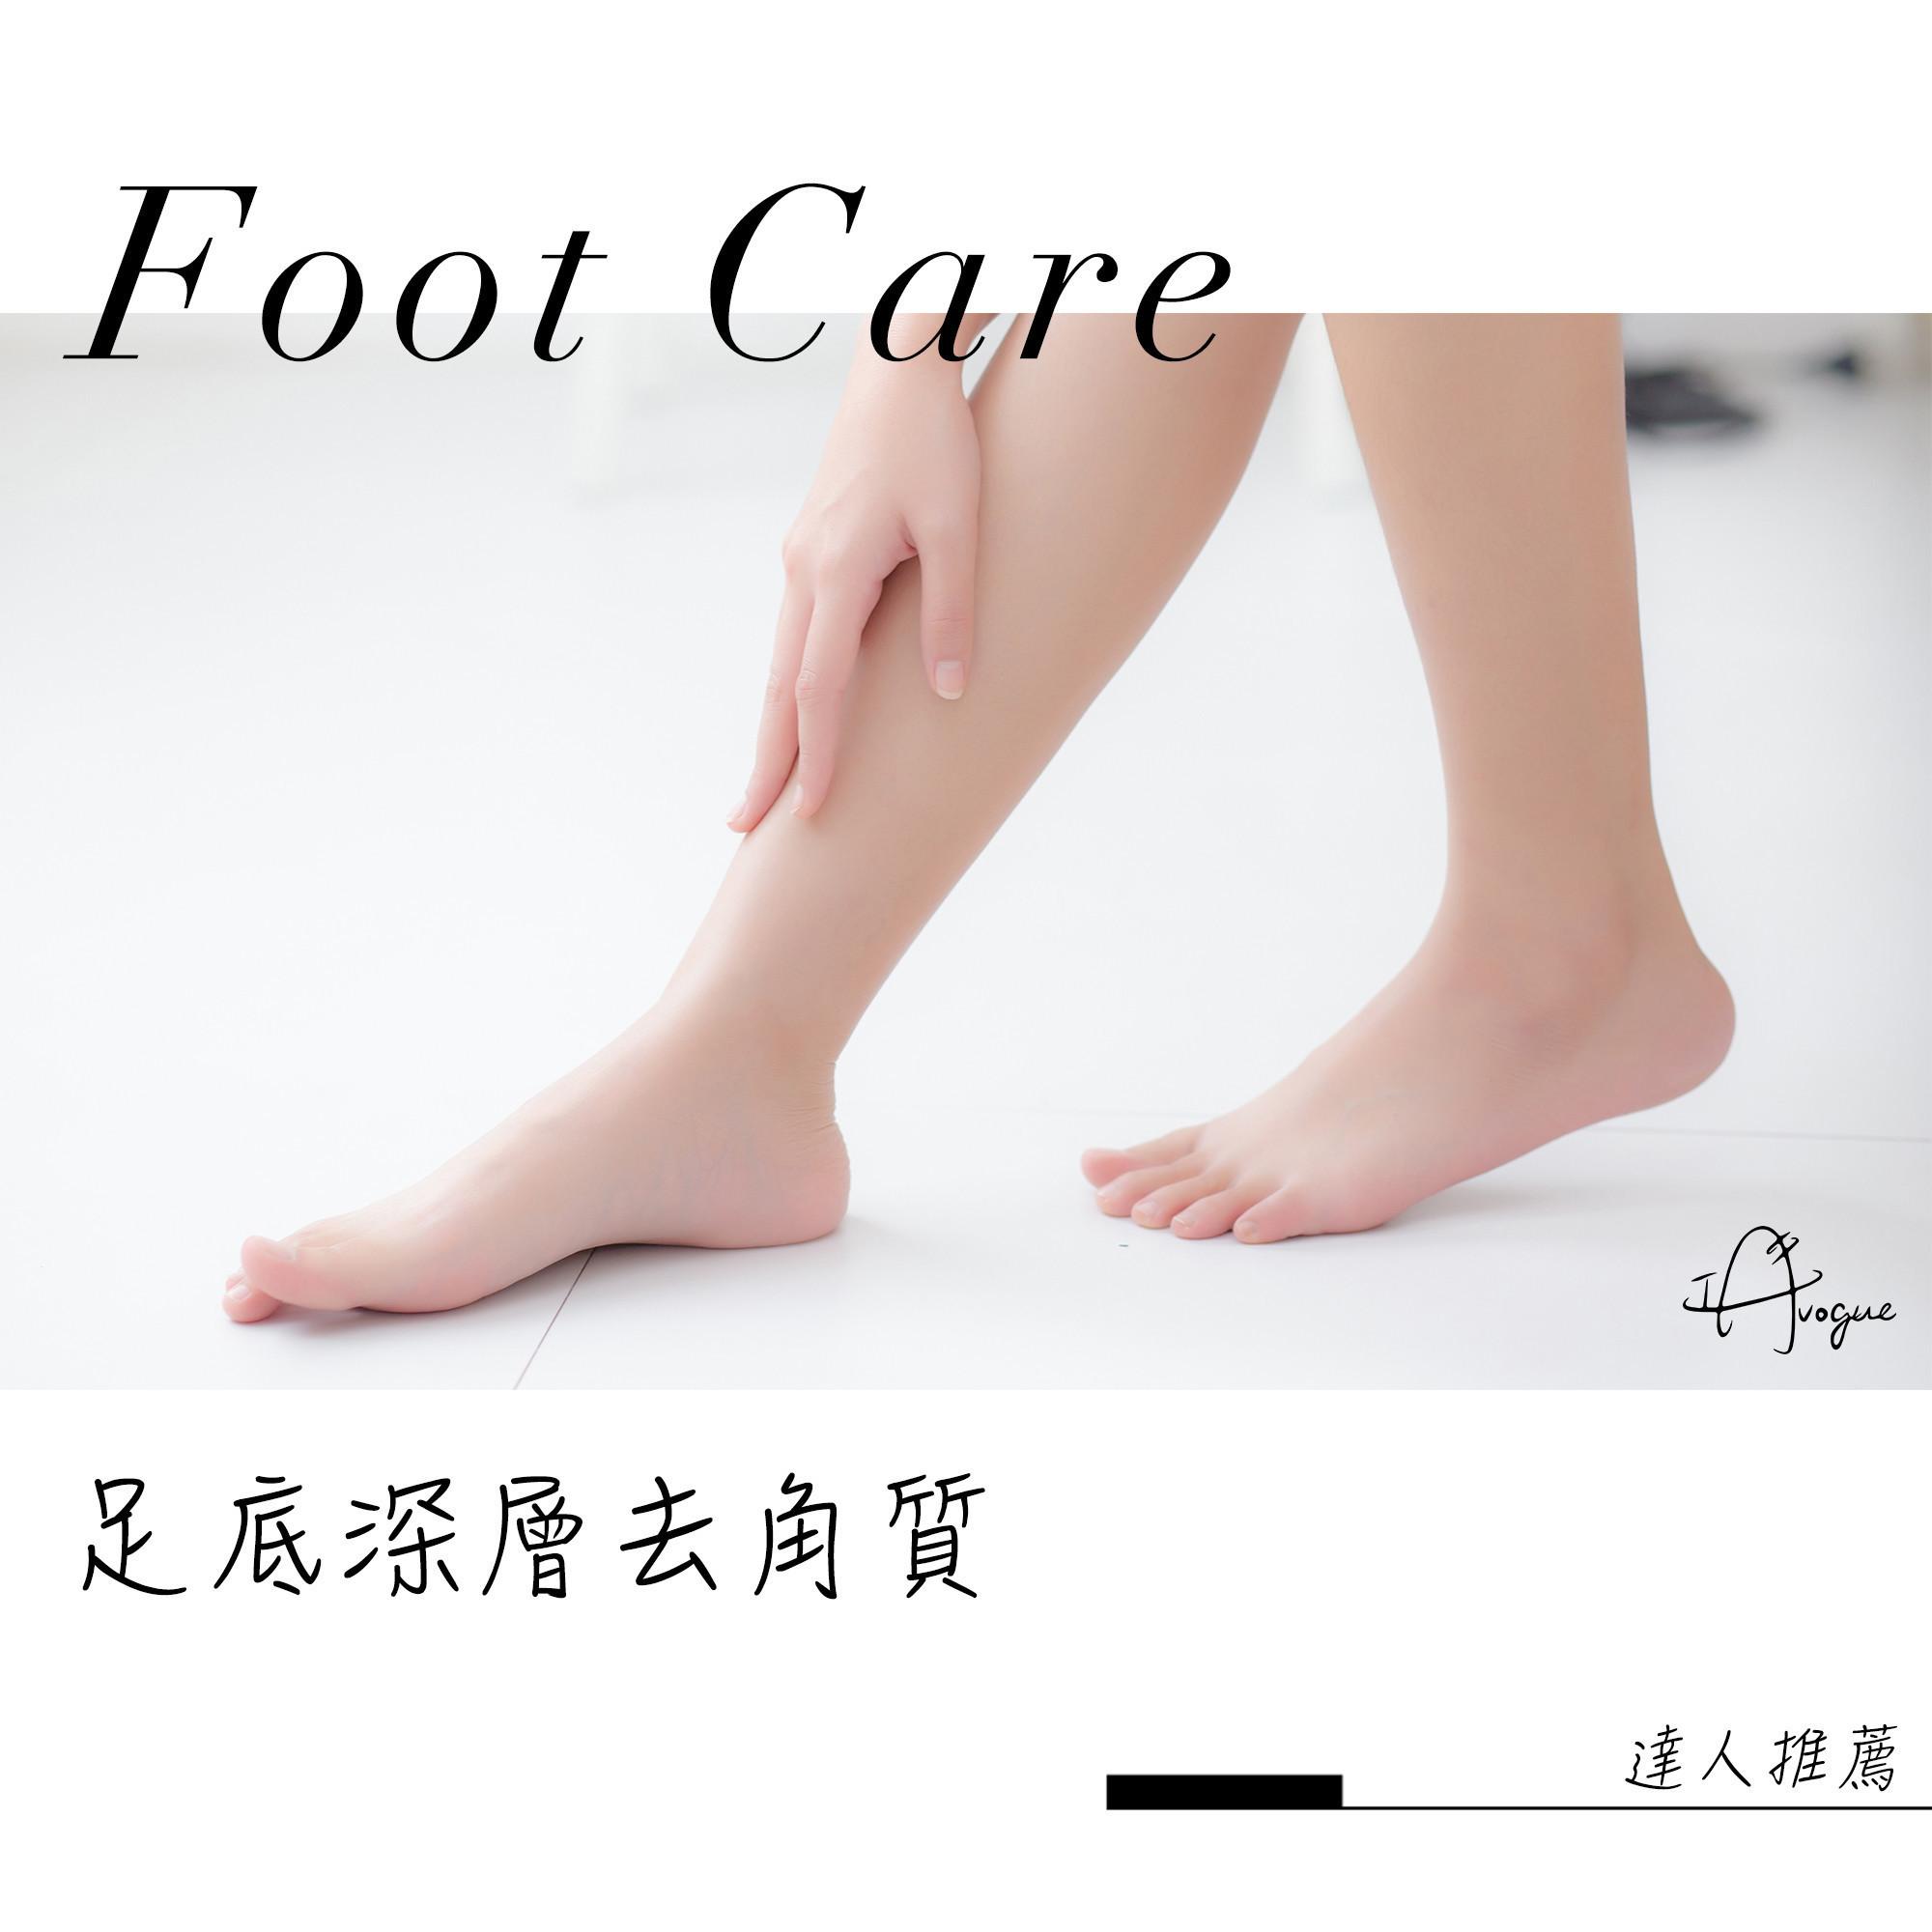 秋冬保養關鍵!足底深層去角質-不再擔心腳跟勾到棉被啦!